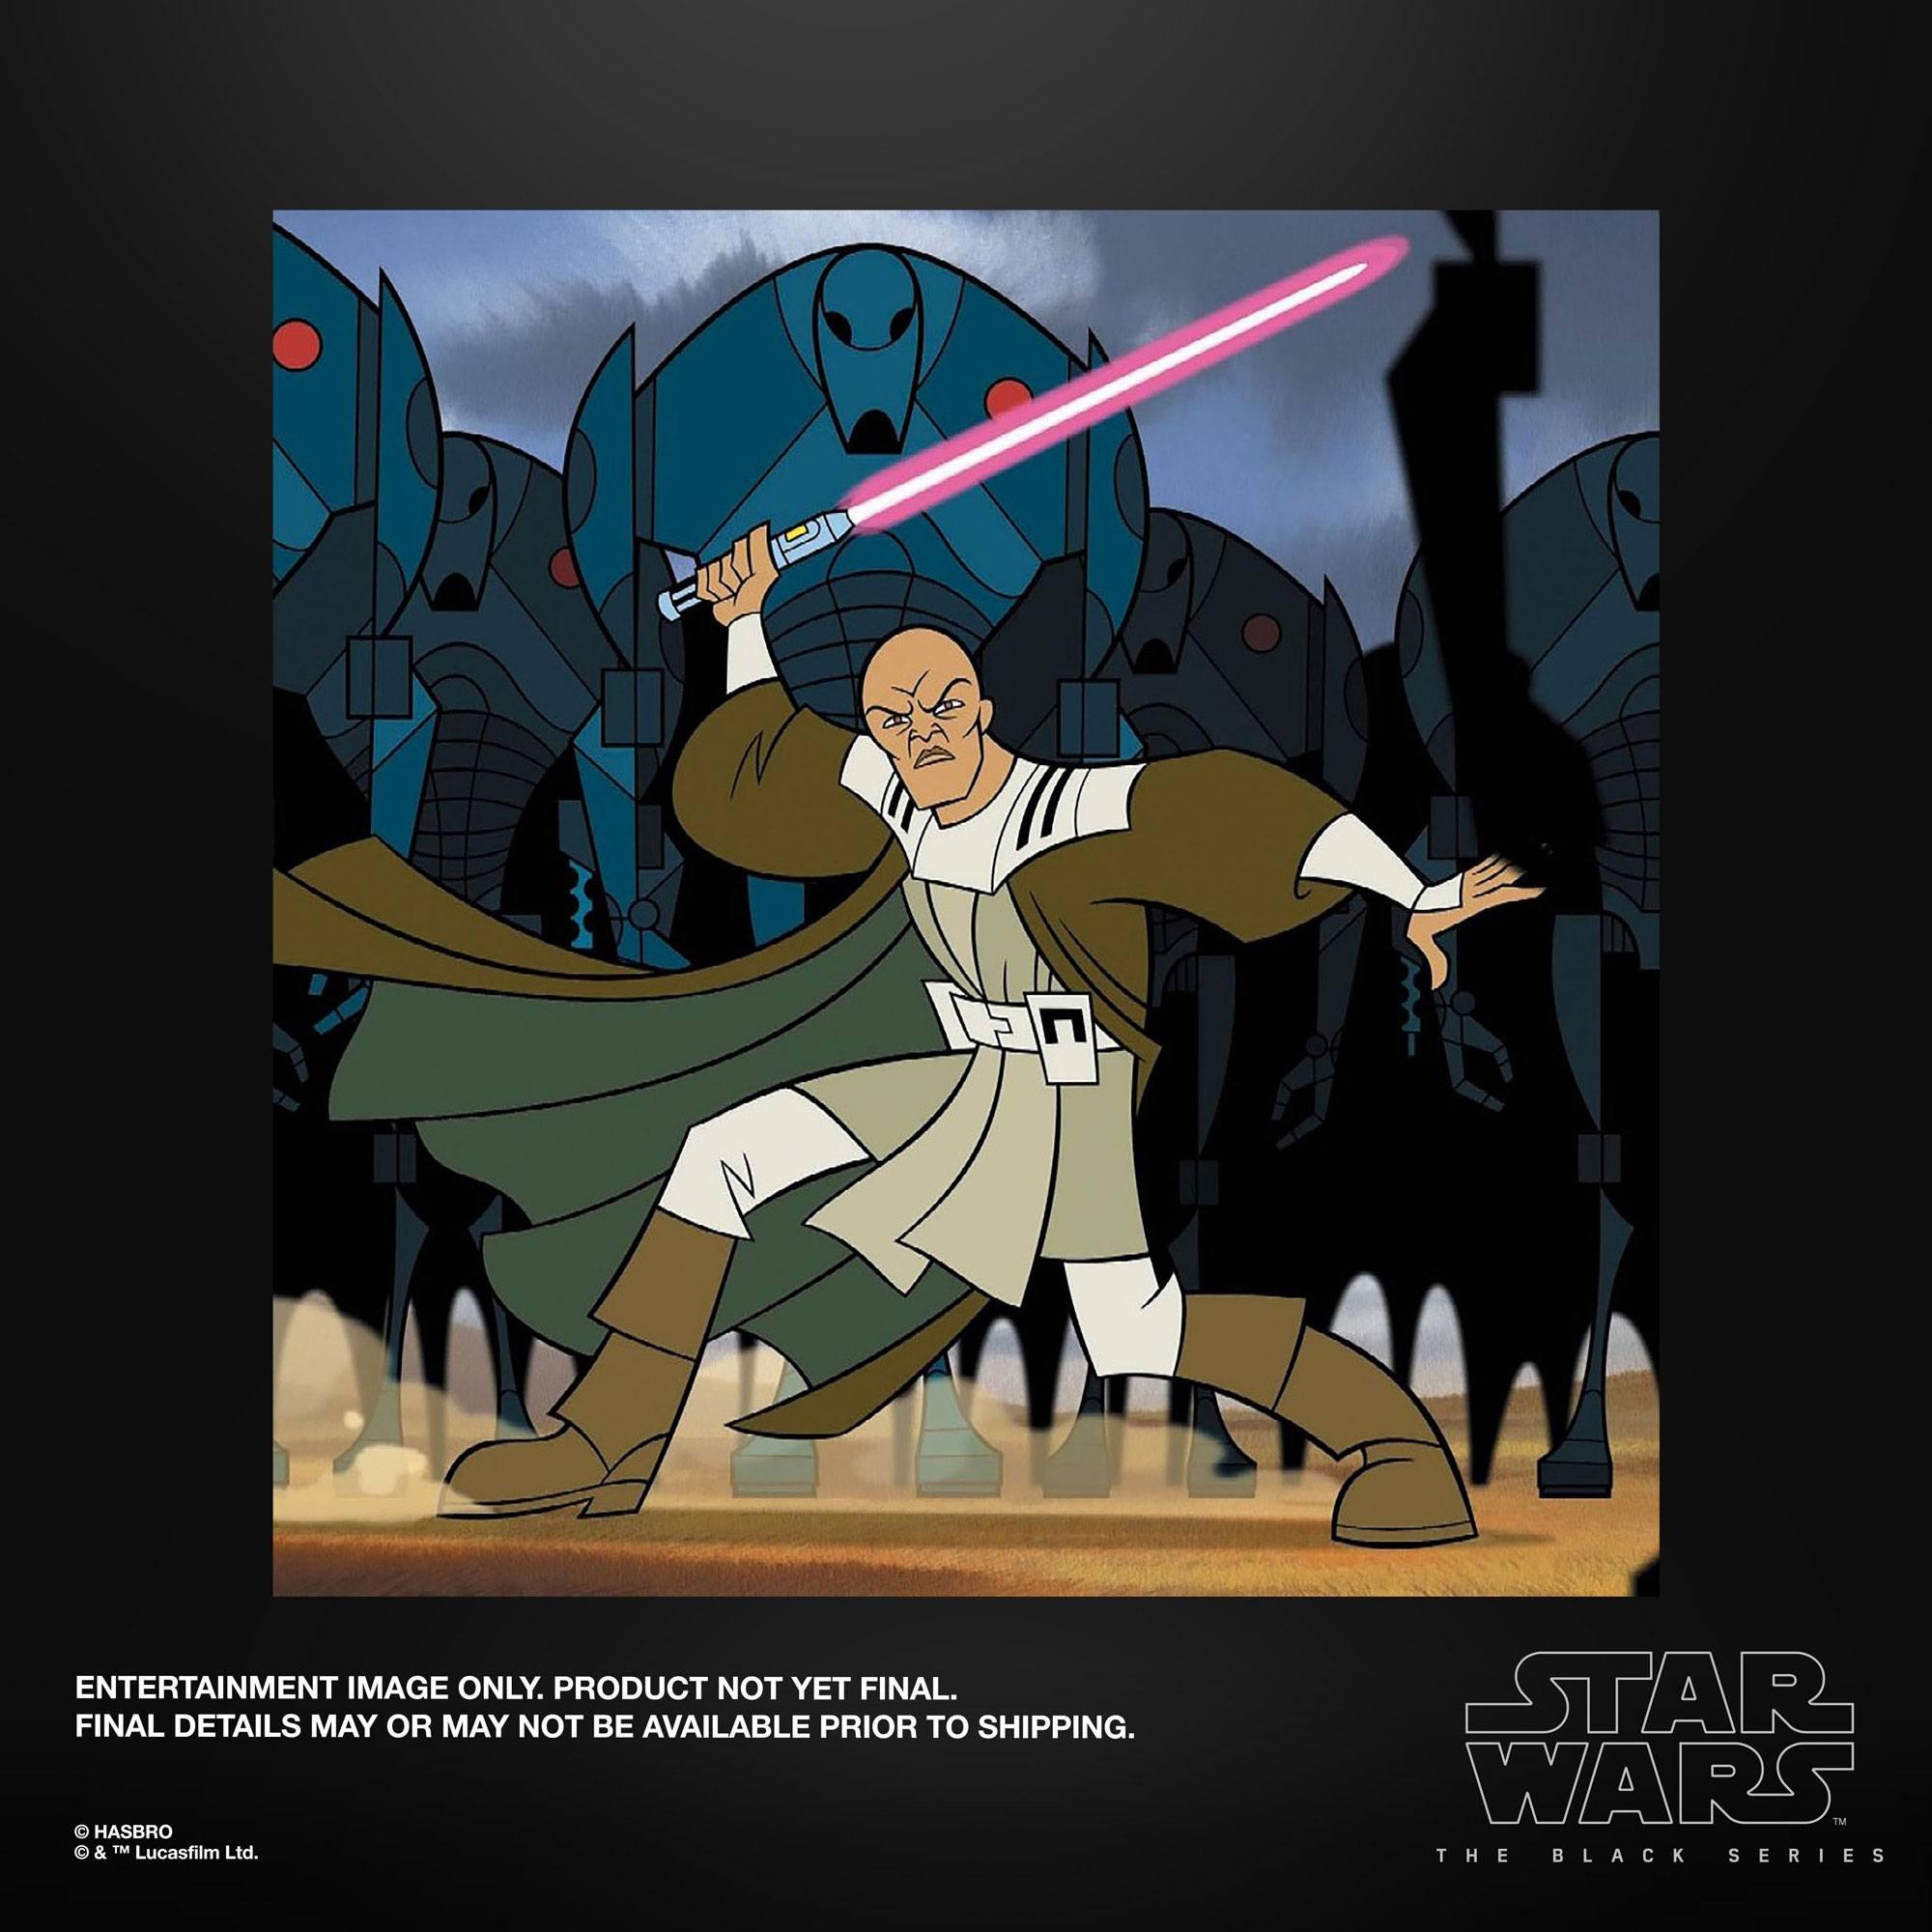 Star Wars The Clone Wars Black Series Actionfigur 2022 Mace Windu 15 cm F53005L00 5010993937660